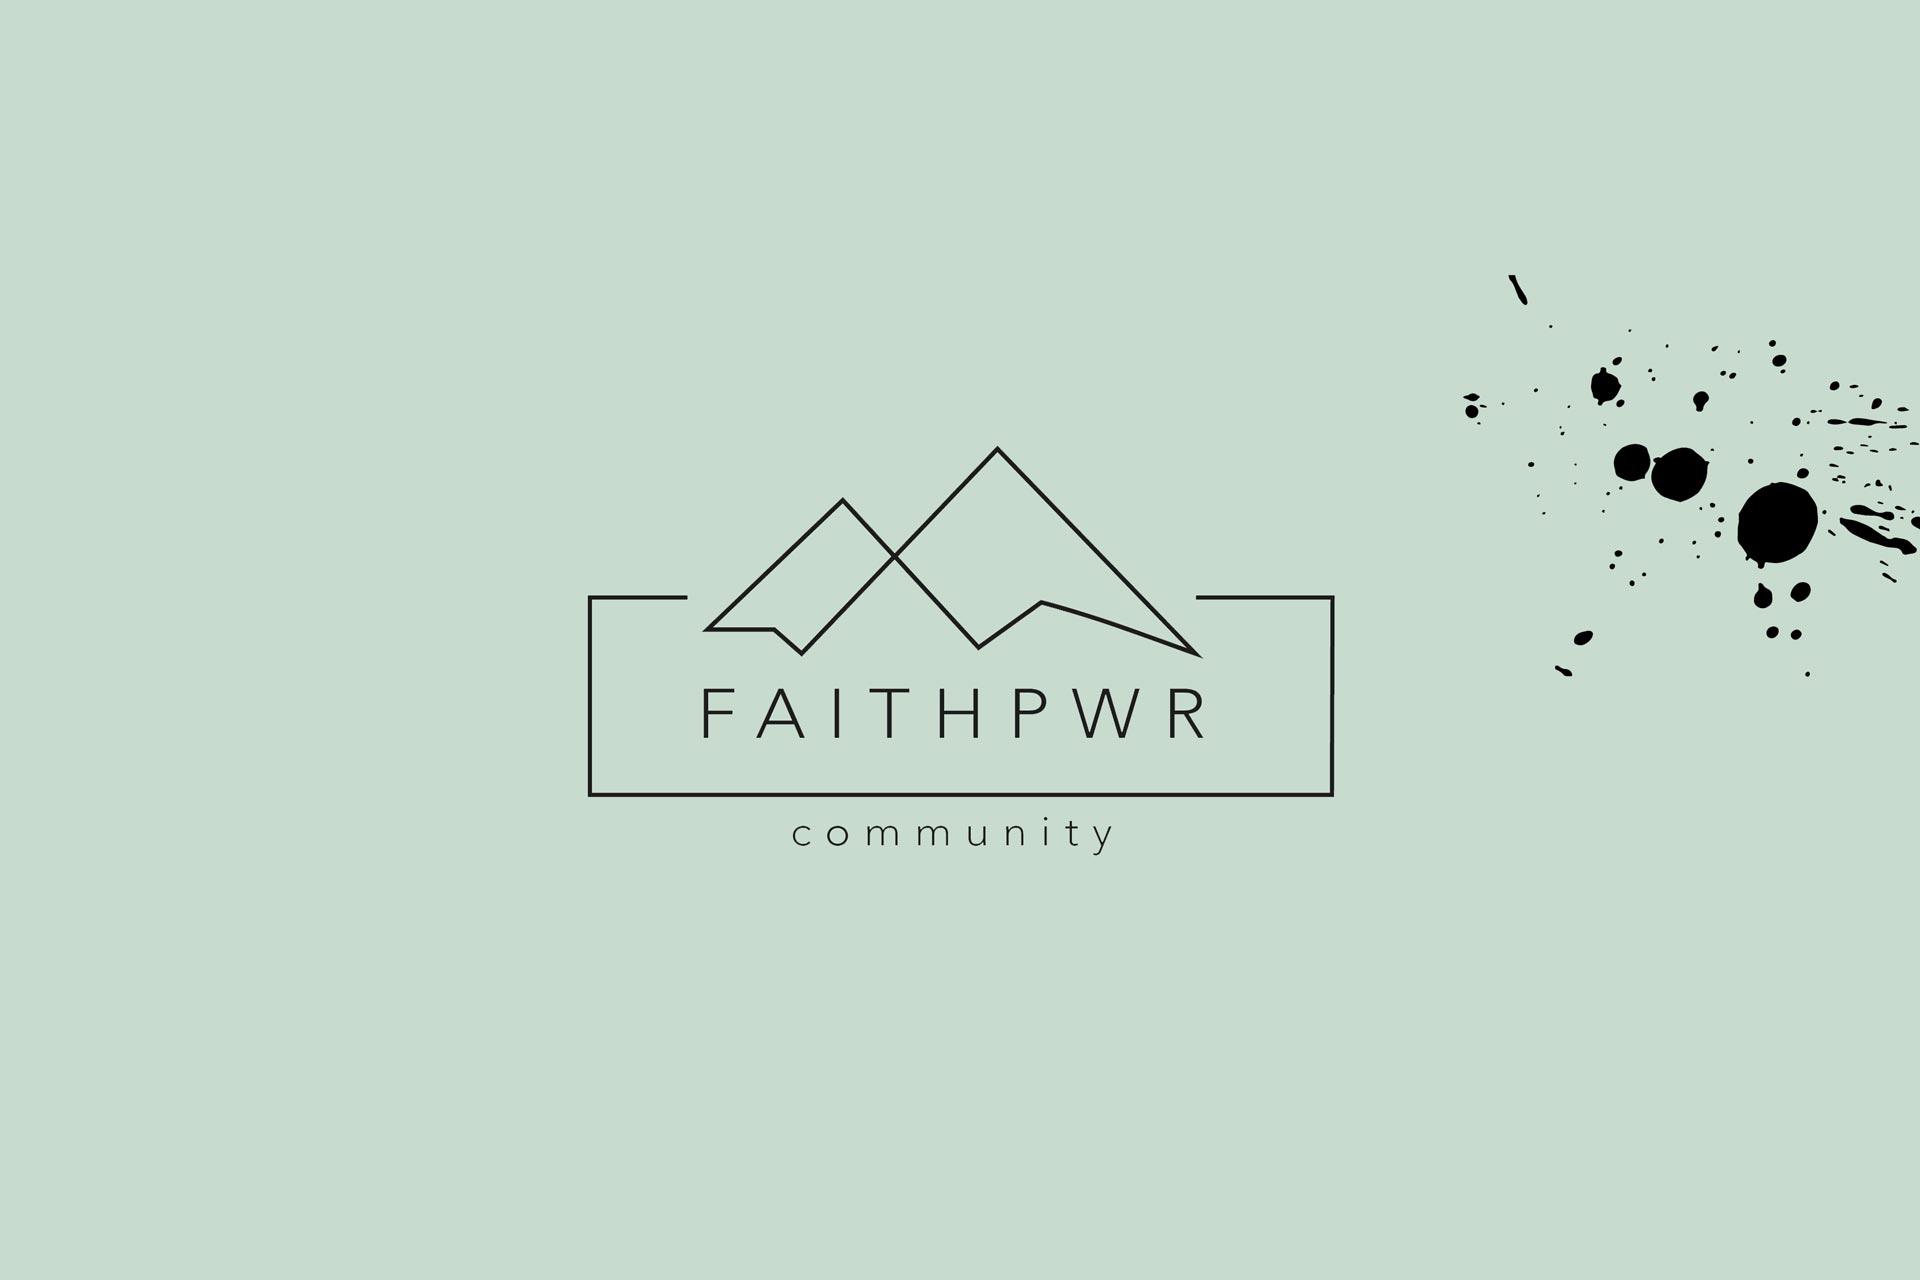 Faithpwr – kreative Menschen erzählen anderen von ihrem Glauben